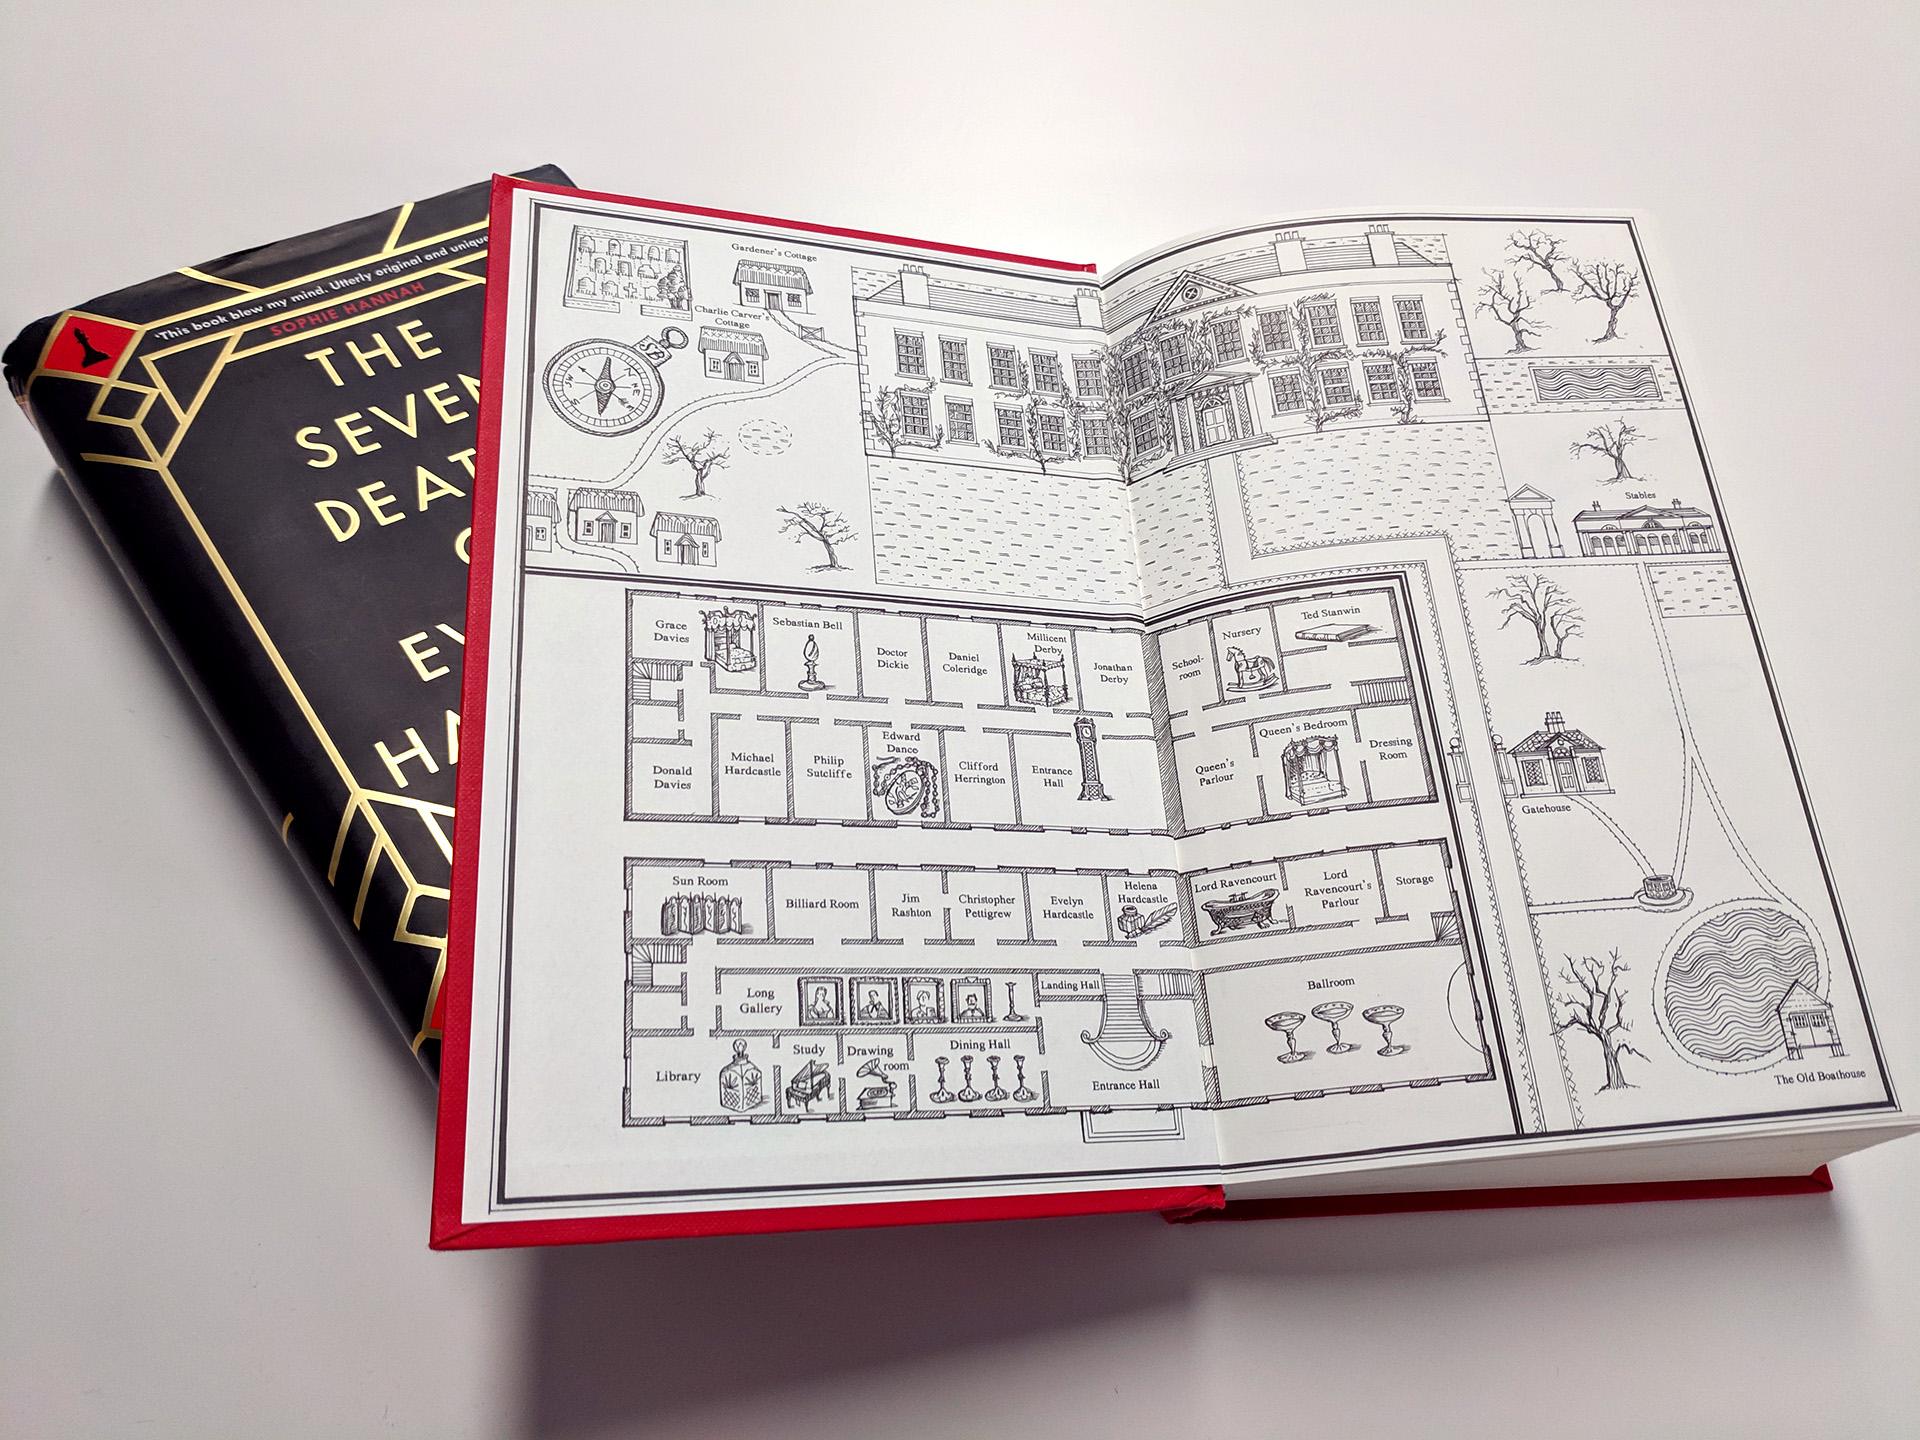 Εξώφυλλο και εσώφυλλο του βιβλίου ''Οι εφτά θάνατοι της Έβελιν Χαρντκάστλ''